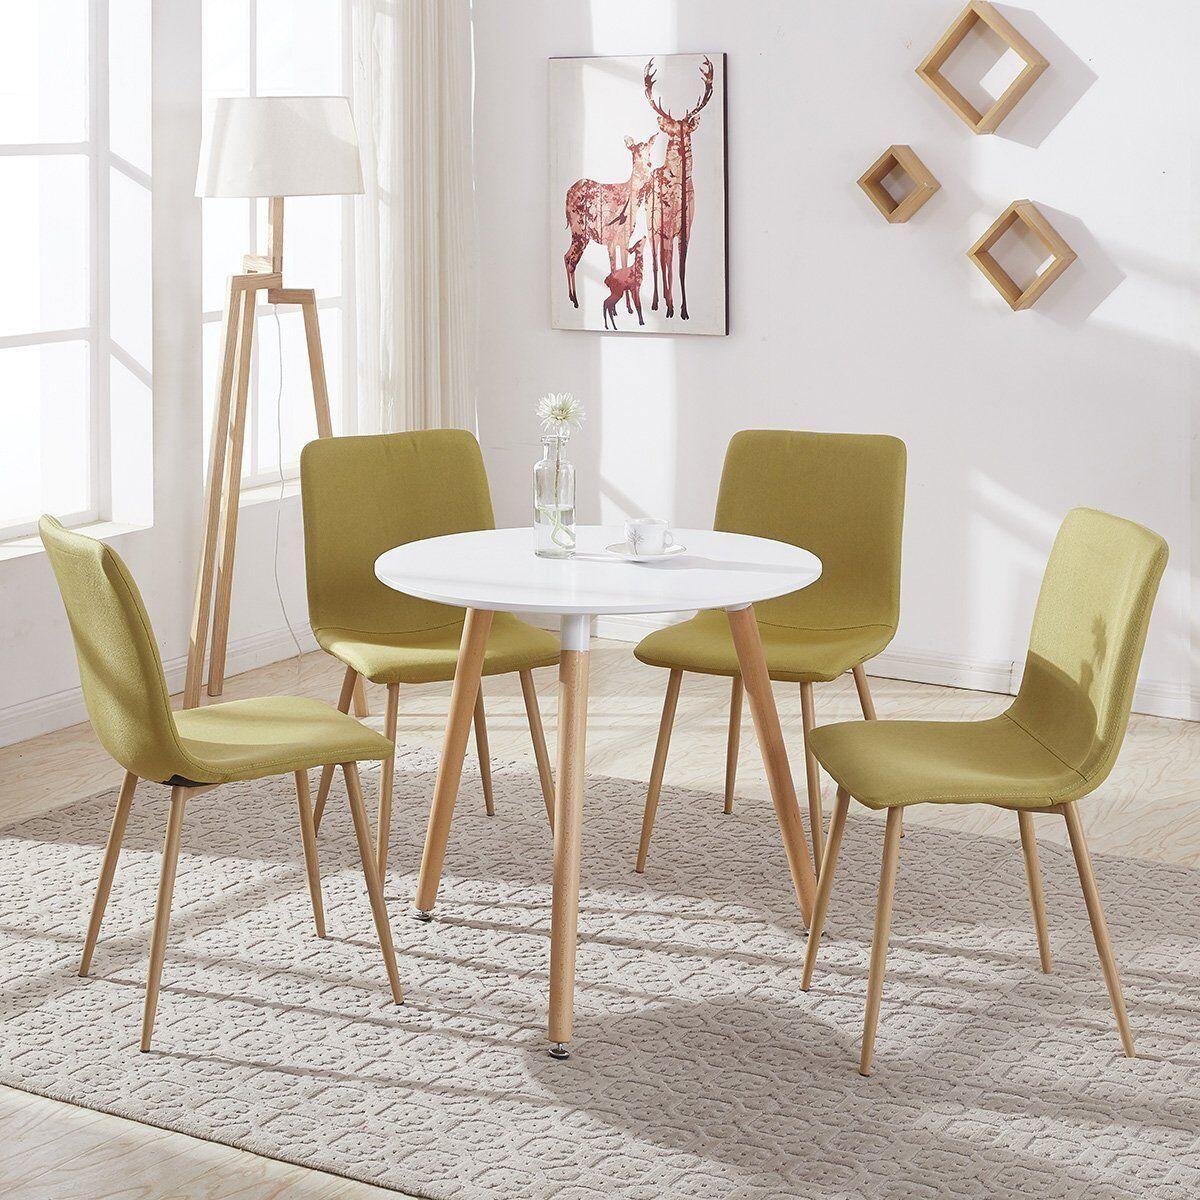 Tavolino da Salotto divano Soggiorno tavolo per Caffè tè design ...